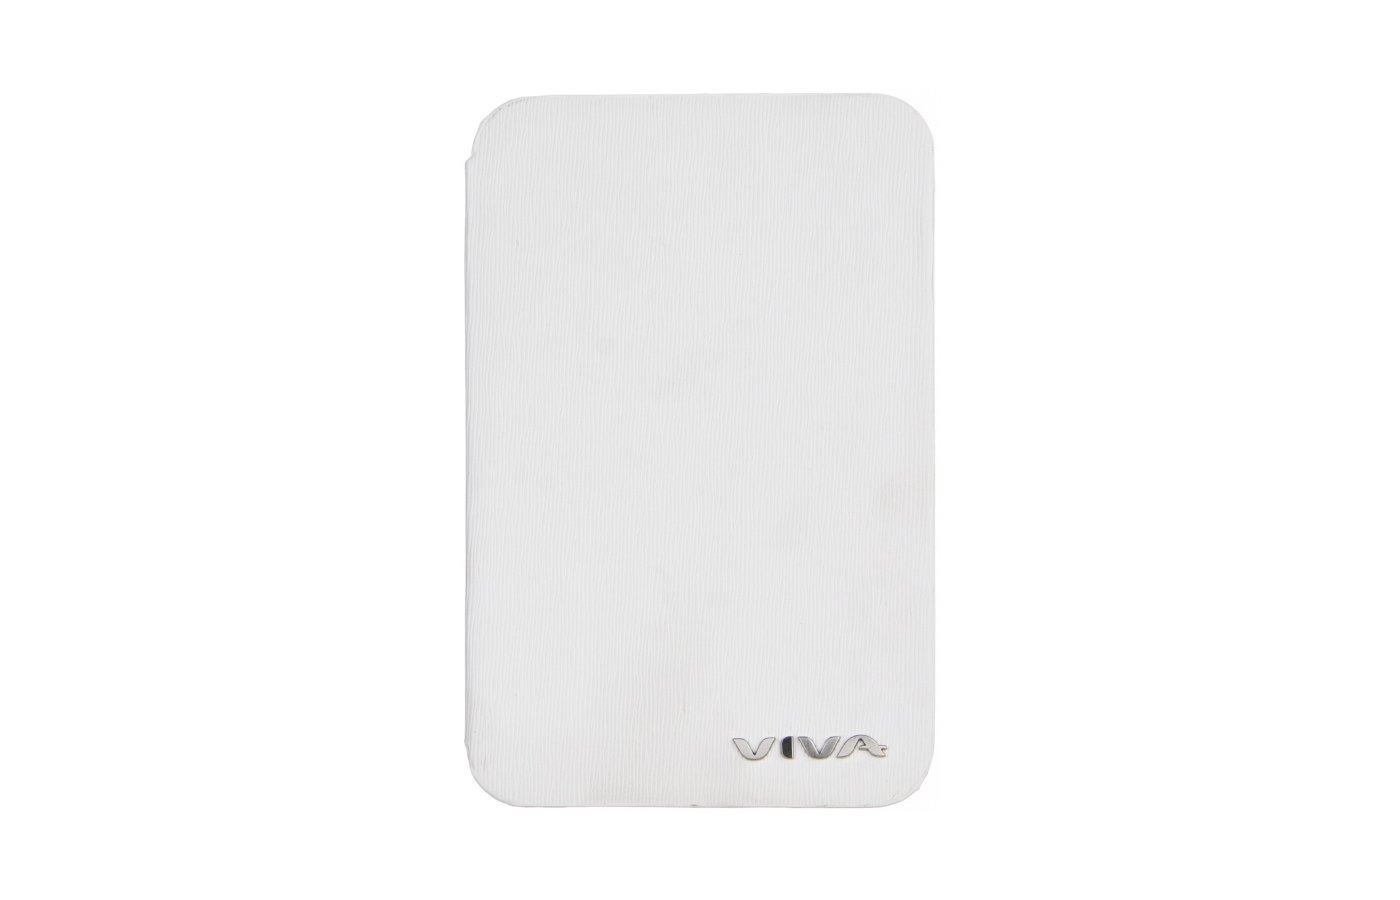 Чехол для планшетного ПК VIVA для Samsung P3100 белая